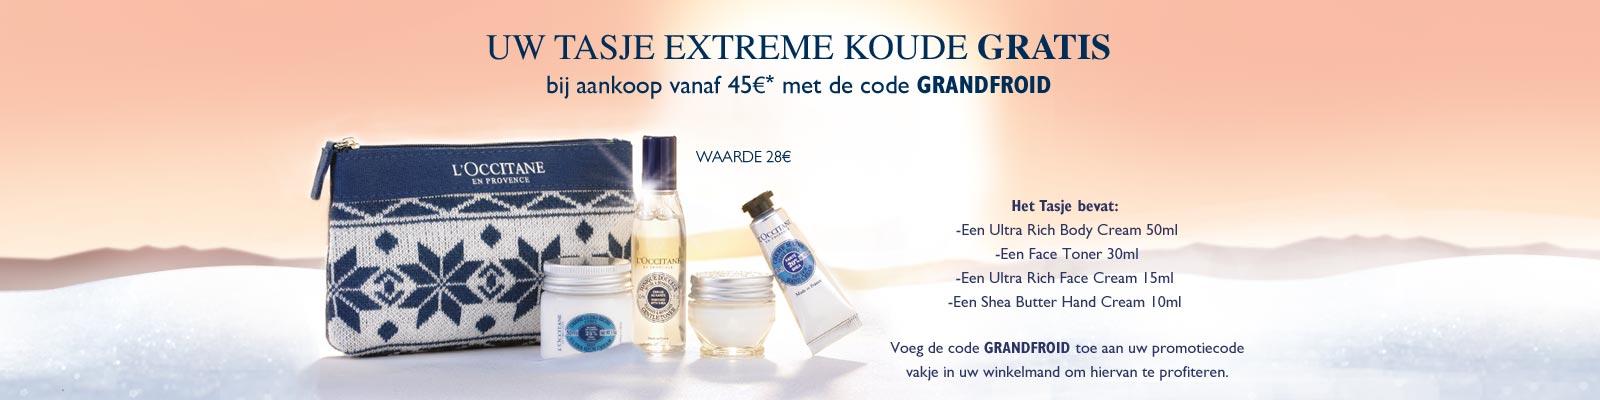 Offre Grandfroid - L'Occitane Belgium